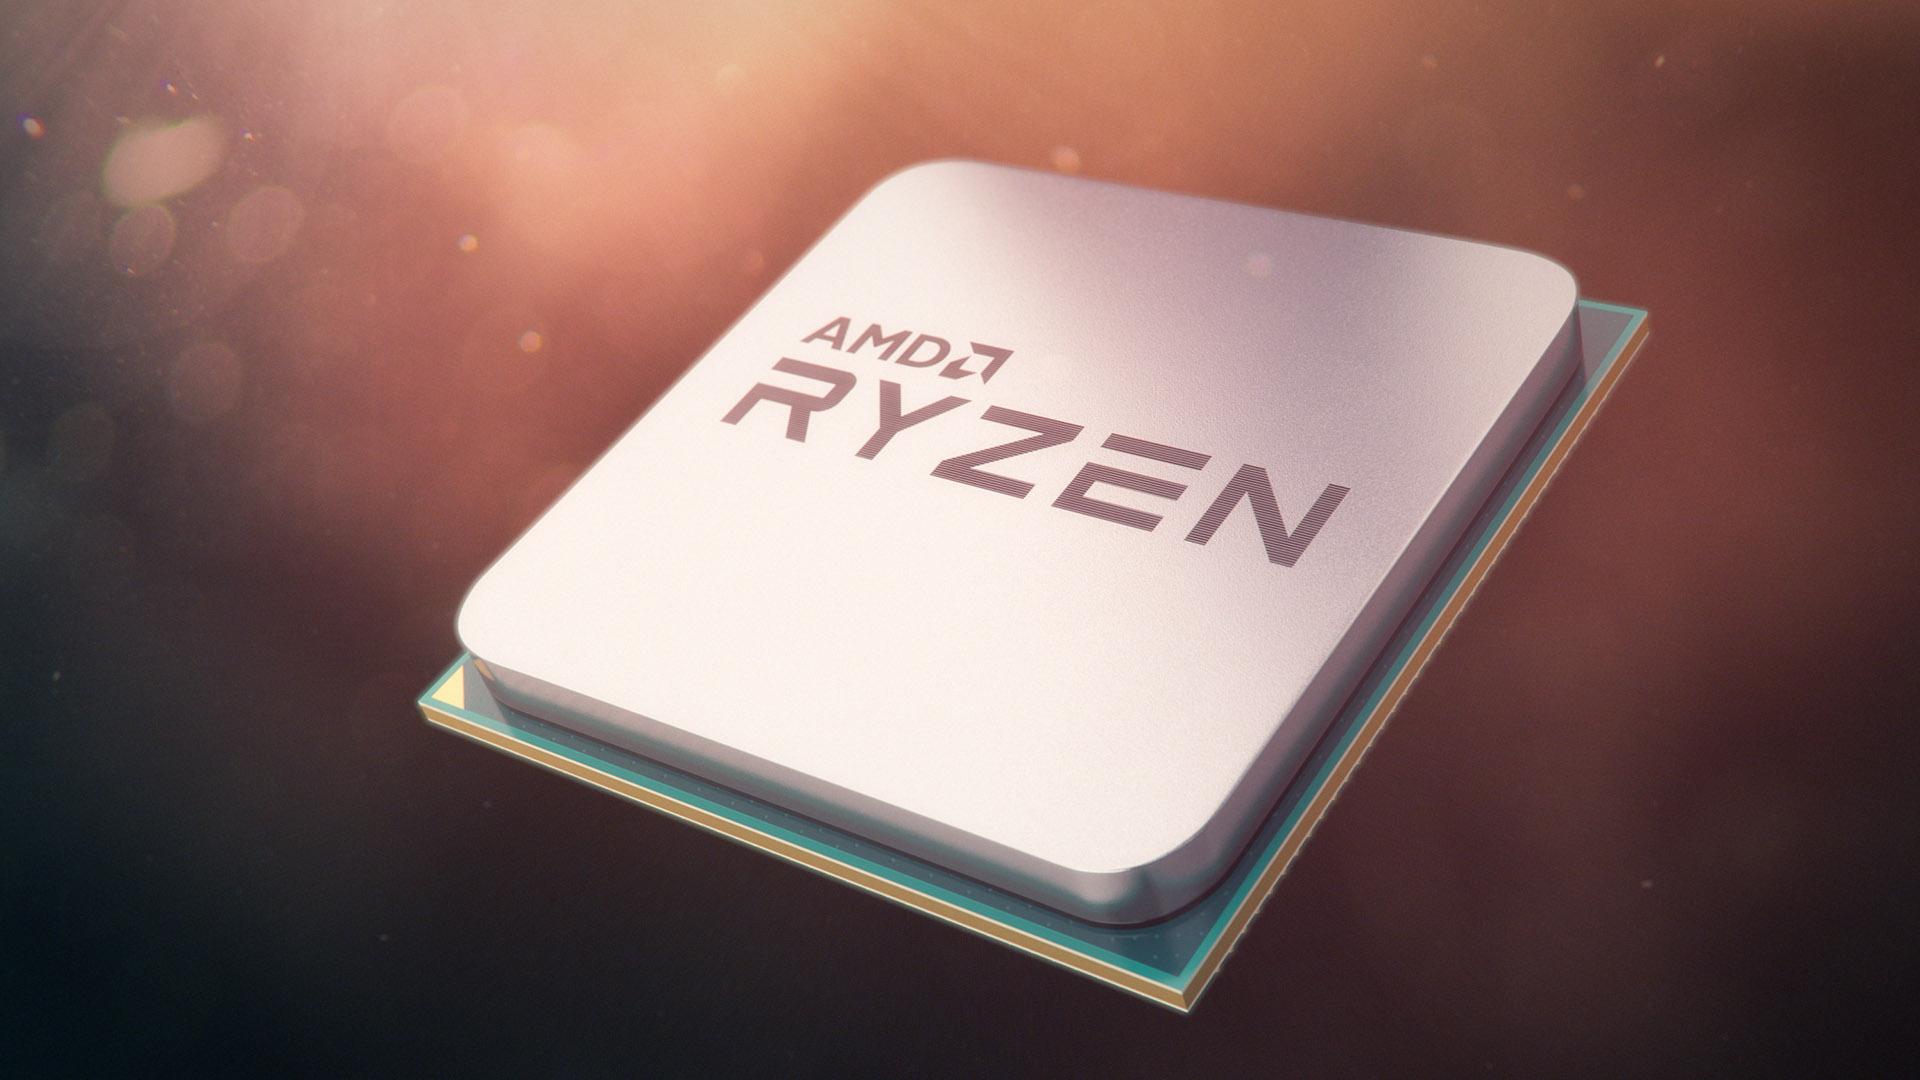 Amd Ryzen 5 6 4 Kerner Mit Smt Treten Ab April Gegen Intels R5 1500x Kleine Kaby Lake S An Update